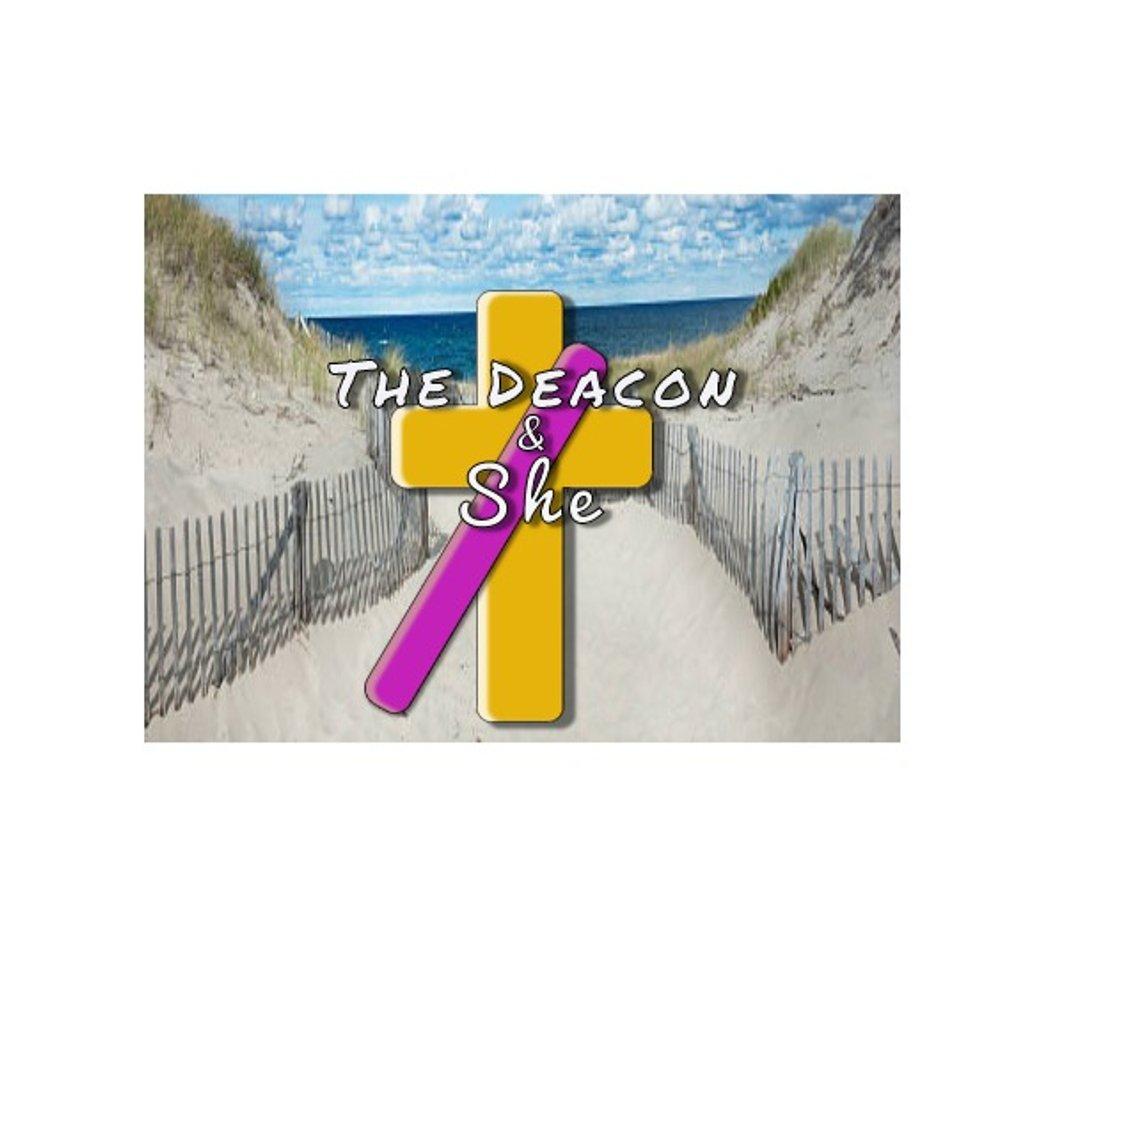 The Deacon & She - immagine di copertina